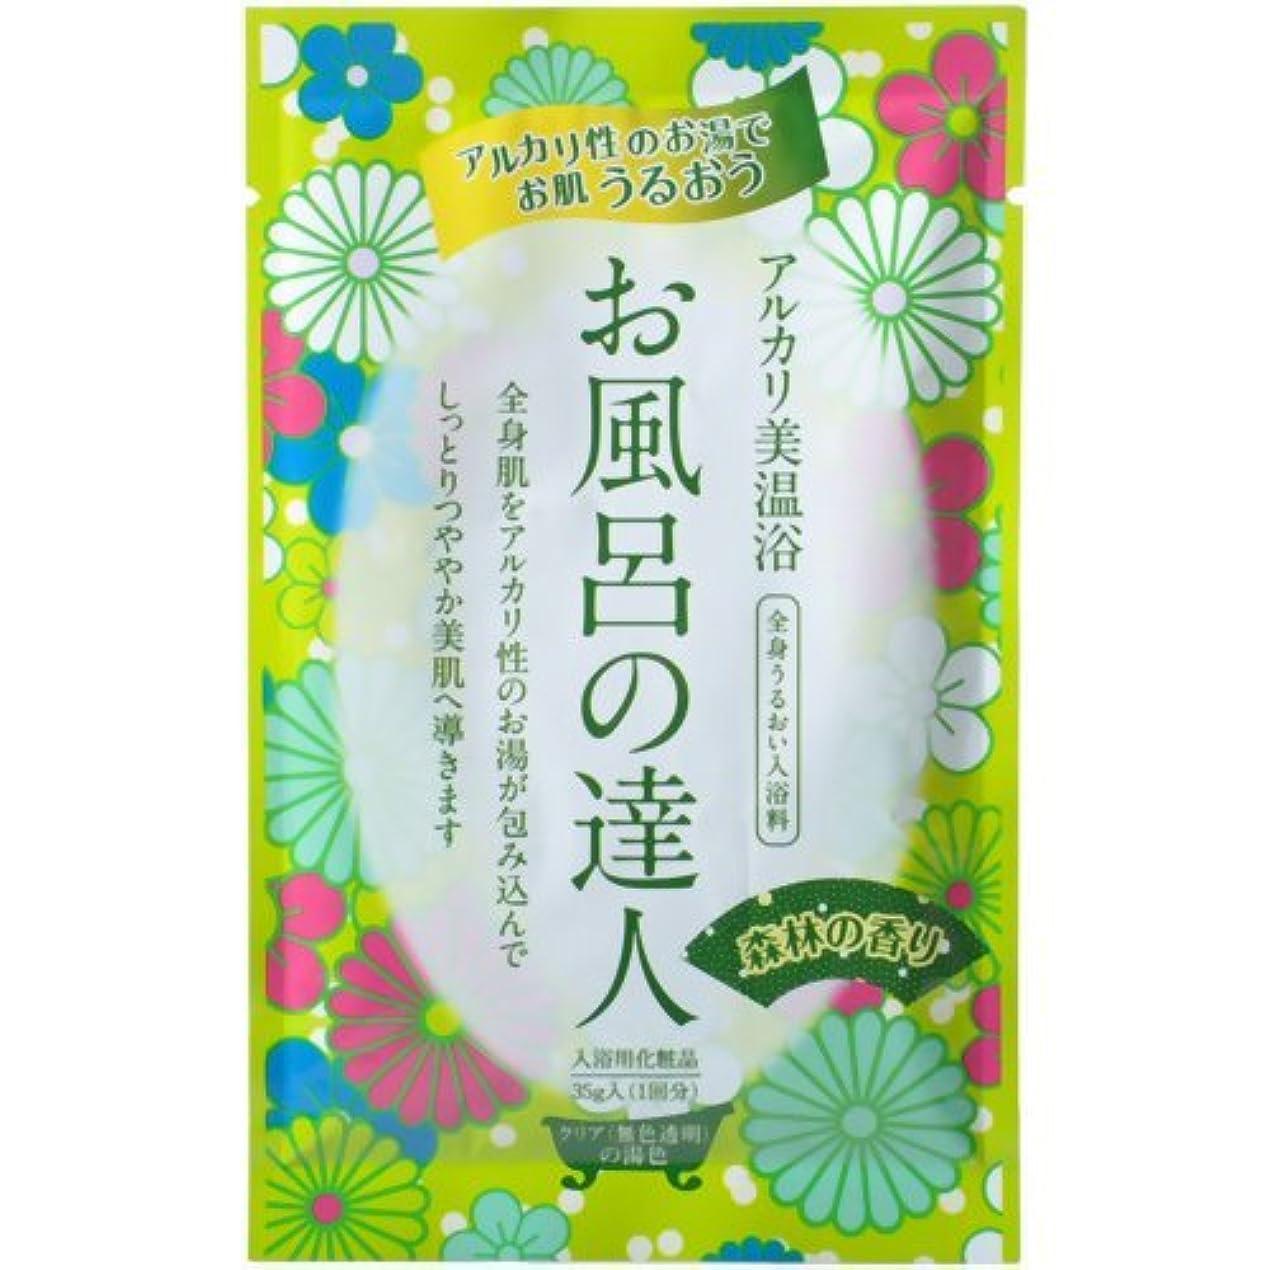 名詞アソシエイト配分五洲薬品(株) お風呂の達人森林の香り 35G 入浴剤